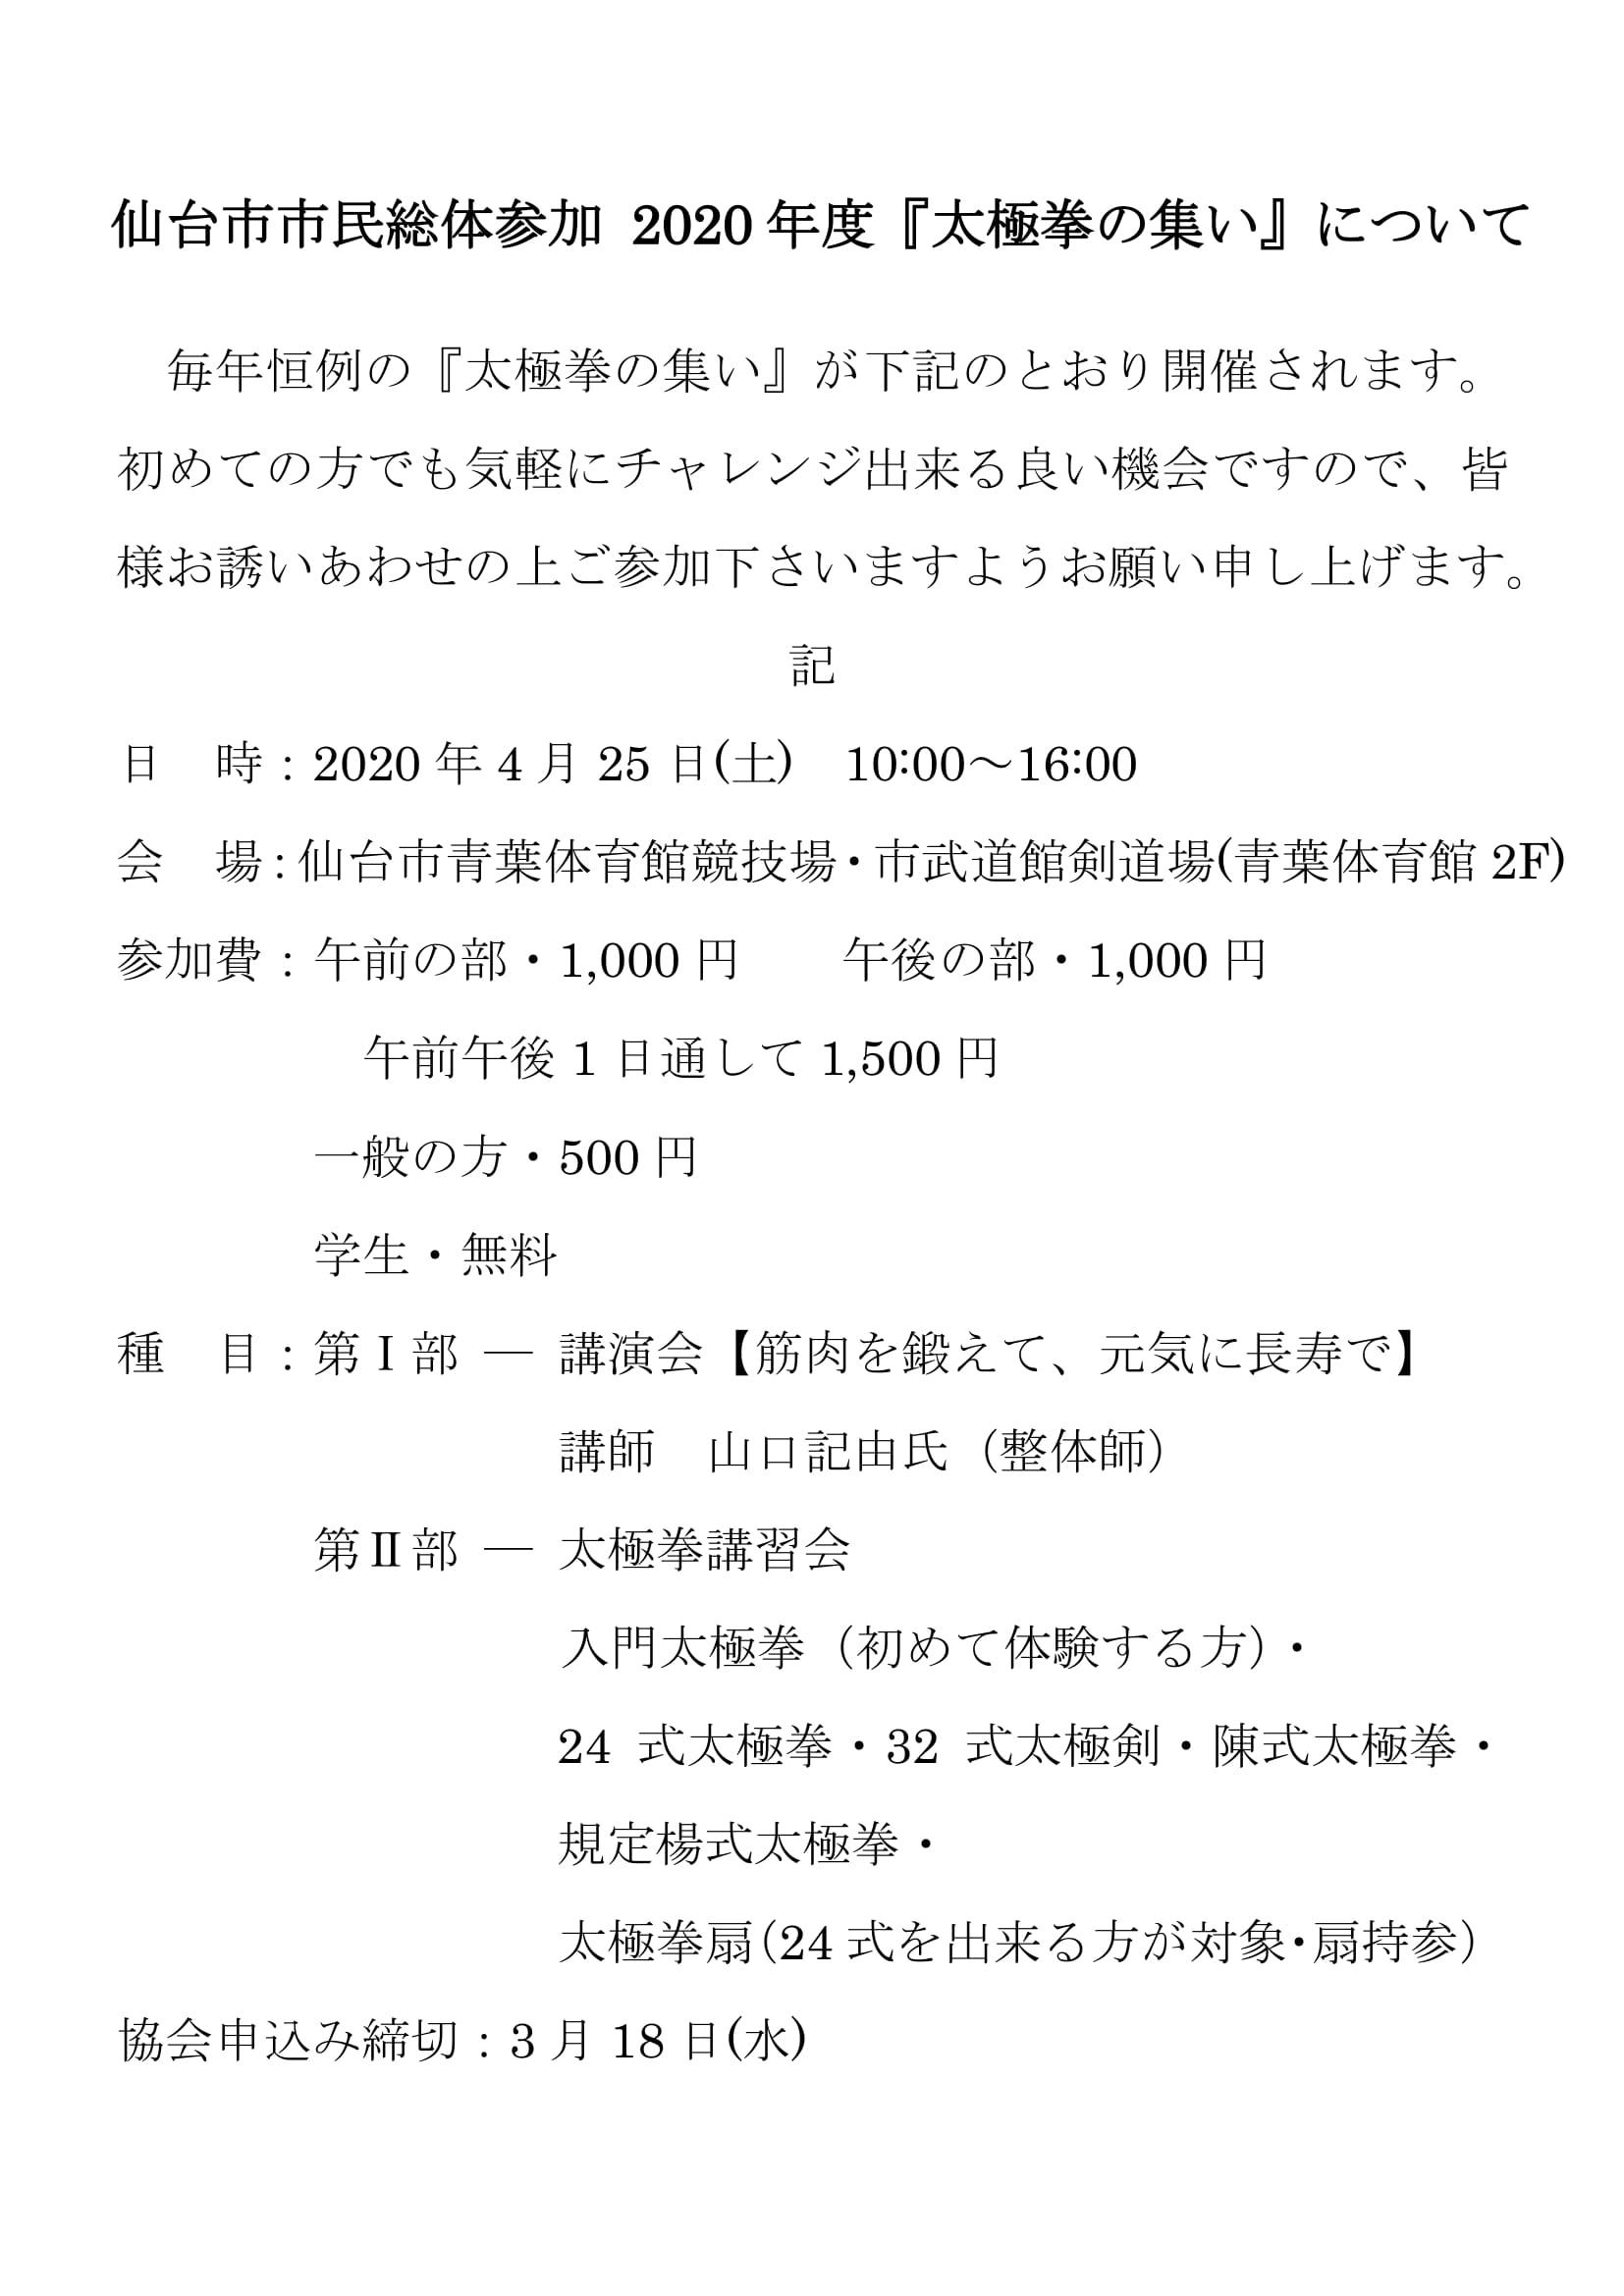 仙台市市民総体参加 2020年度「太極拳の集い」について